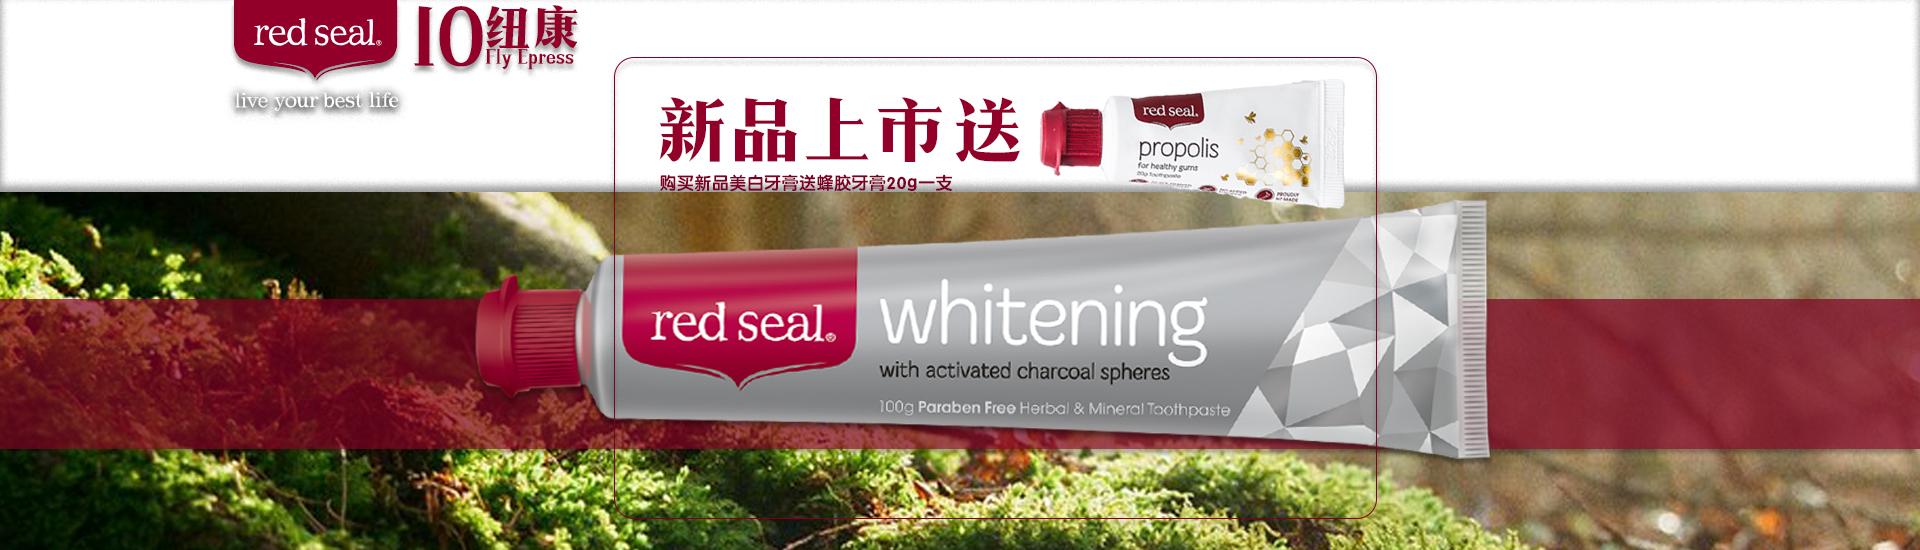 红印美白牙膏送20g